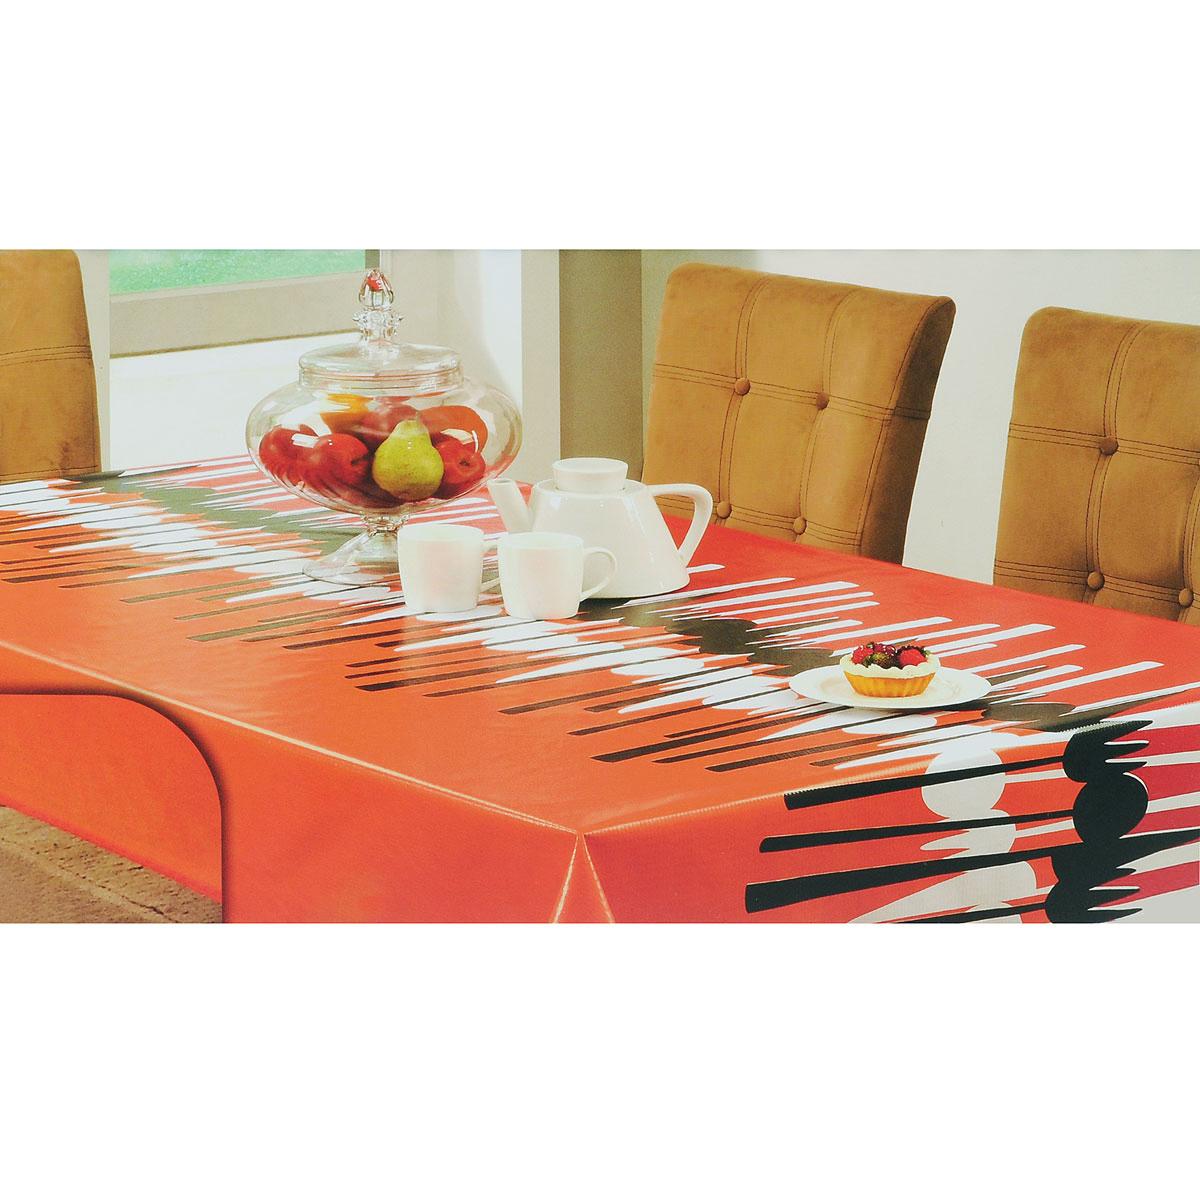 Скатерть White Fox Осень, прямоугольная, цвет: красный, оранжевый, 120x 152 смWКTC72-259Прямоугольная скатерть White Fox Осень, выполненная из ПВХ с основой из флиса, предназначена для защиты стола от царапин, пятен и крошек. Край скатерти обработан тканью. Скатерть оформлена изображением столовых приборов, а рифлёная поверхность скатерти формирует приятные тактильные ощущения, при этом частички пищи удаляются с легкостью и поверхность остается всегда чистой. Скатерть термостойкая, выдерживает температуру до +70 °C.Скатерть White Fox проста в уходе - её можно протирать любыми моющими средствами при необходимости.Скатерть упакована в виниловый пакет с внутренним цветным вкладышем и подвесом в виде крючка.